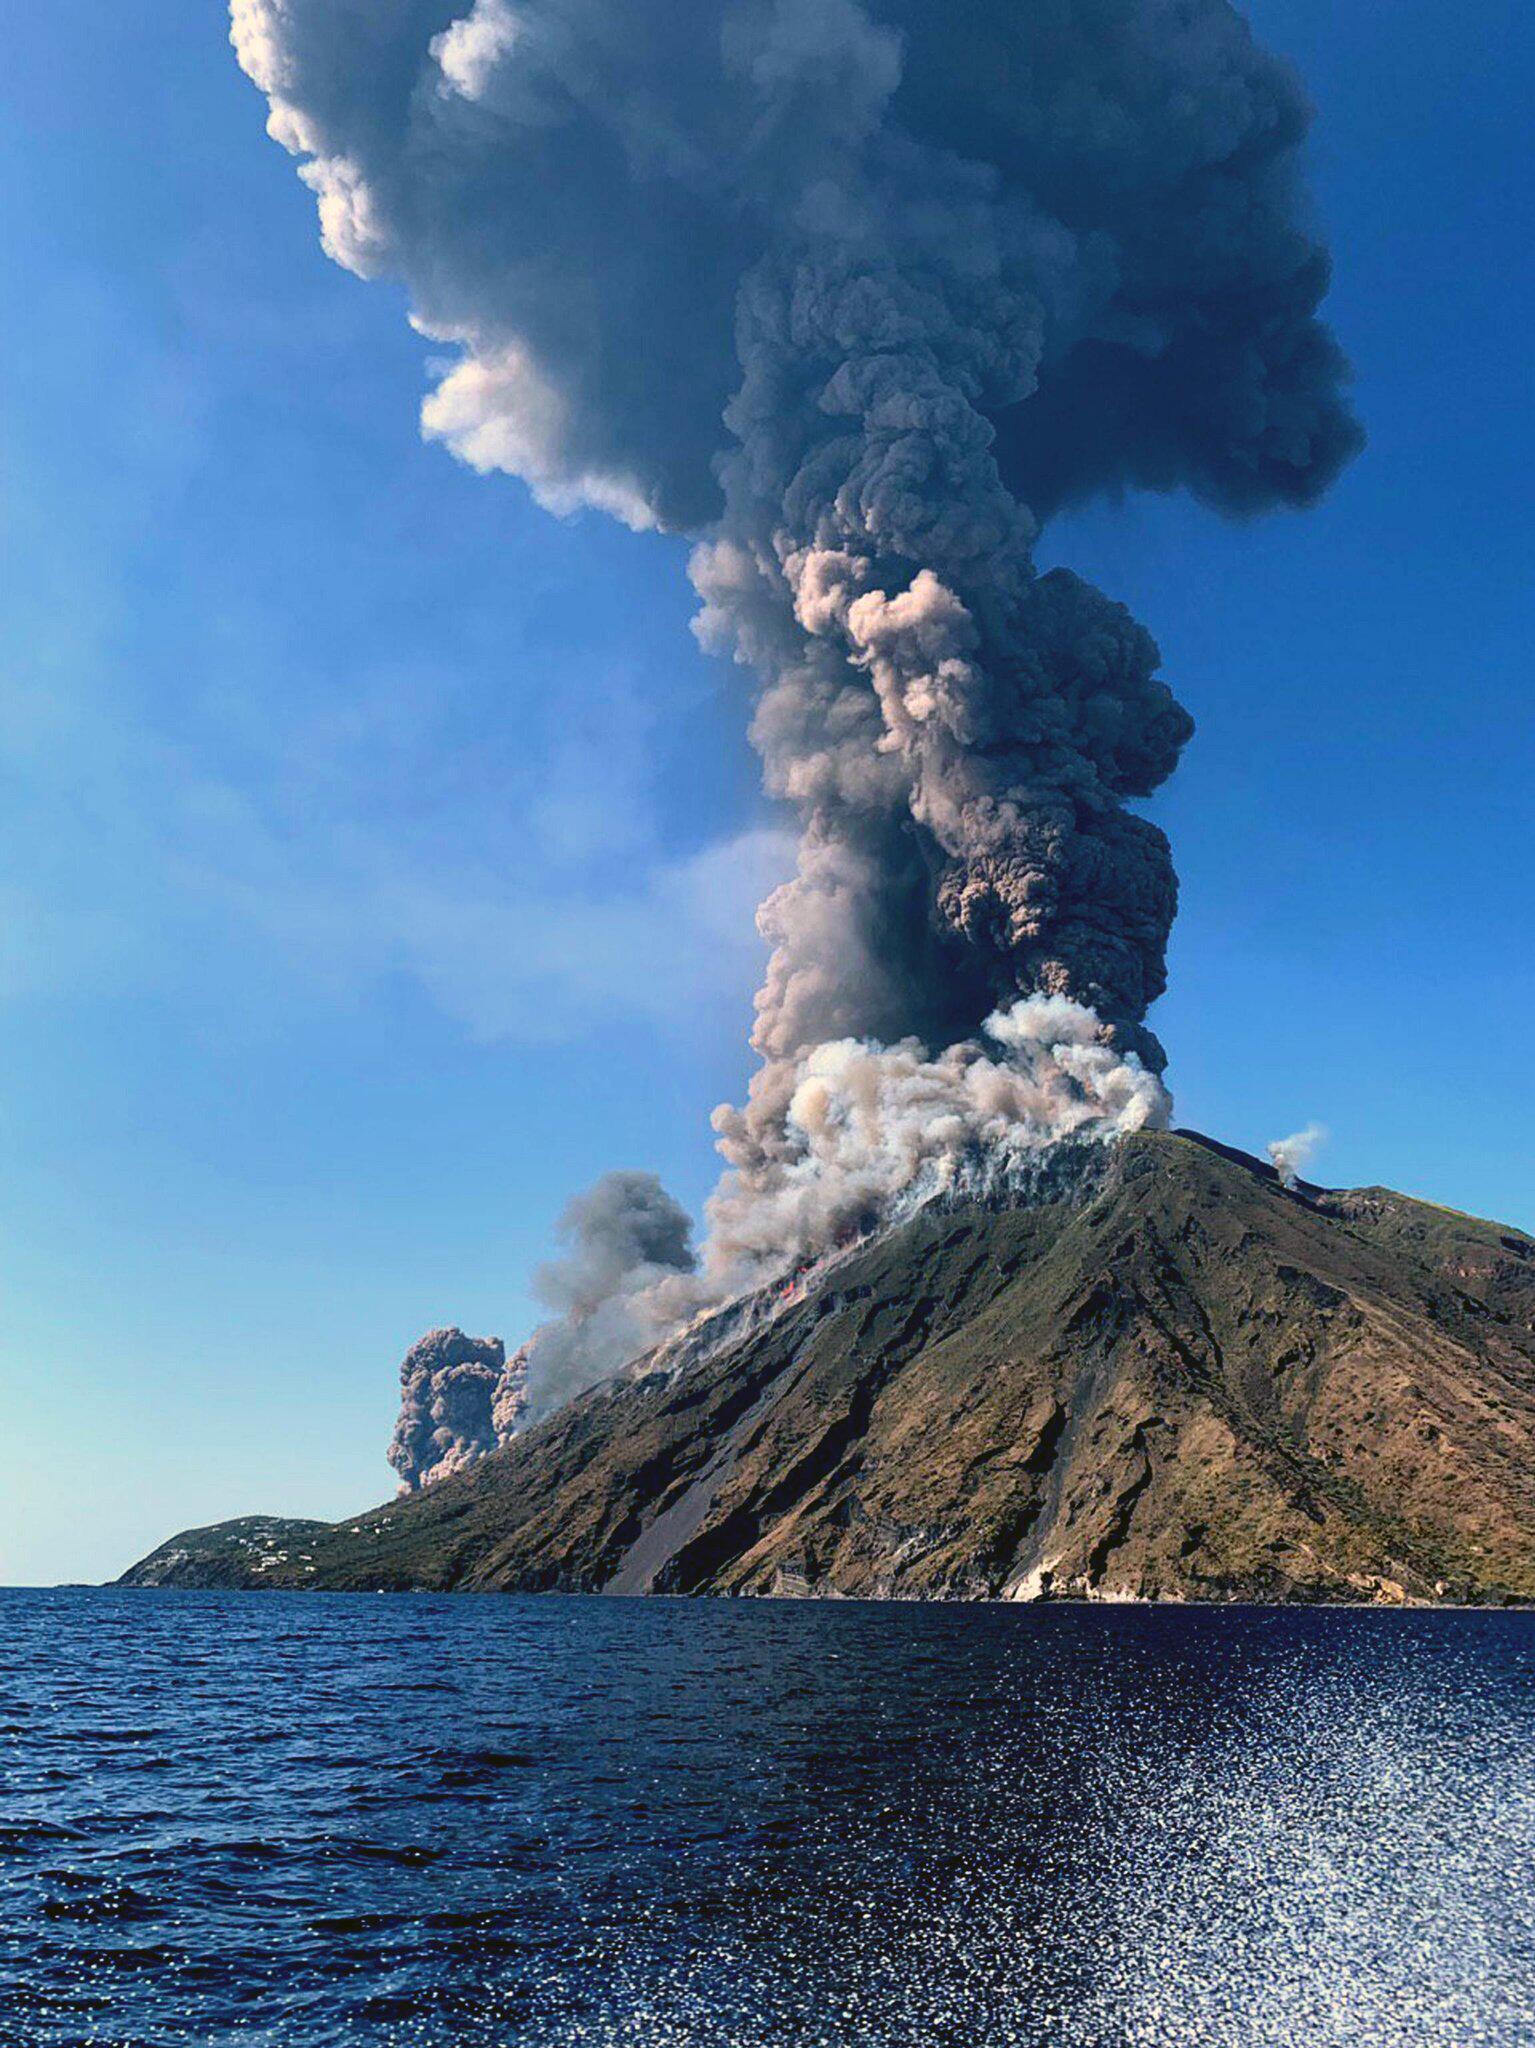 Bild zu Großer Ausbruch am Vulkan Stromboli